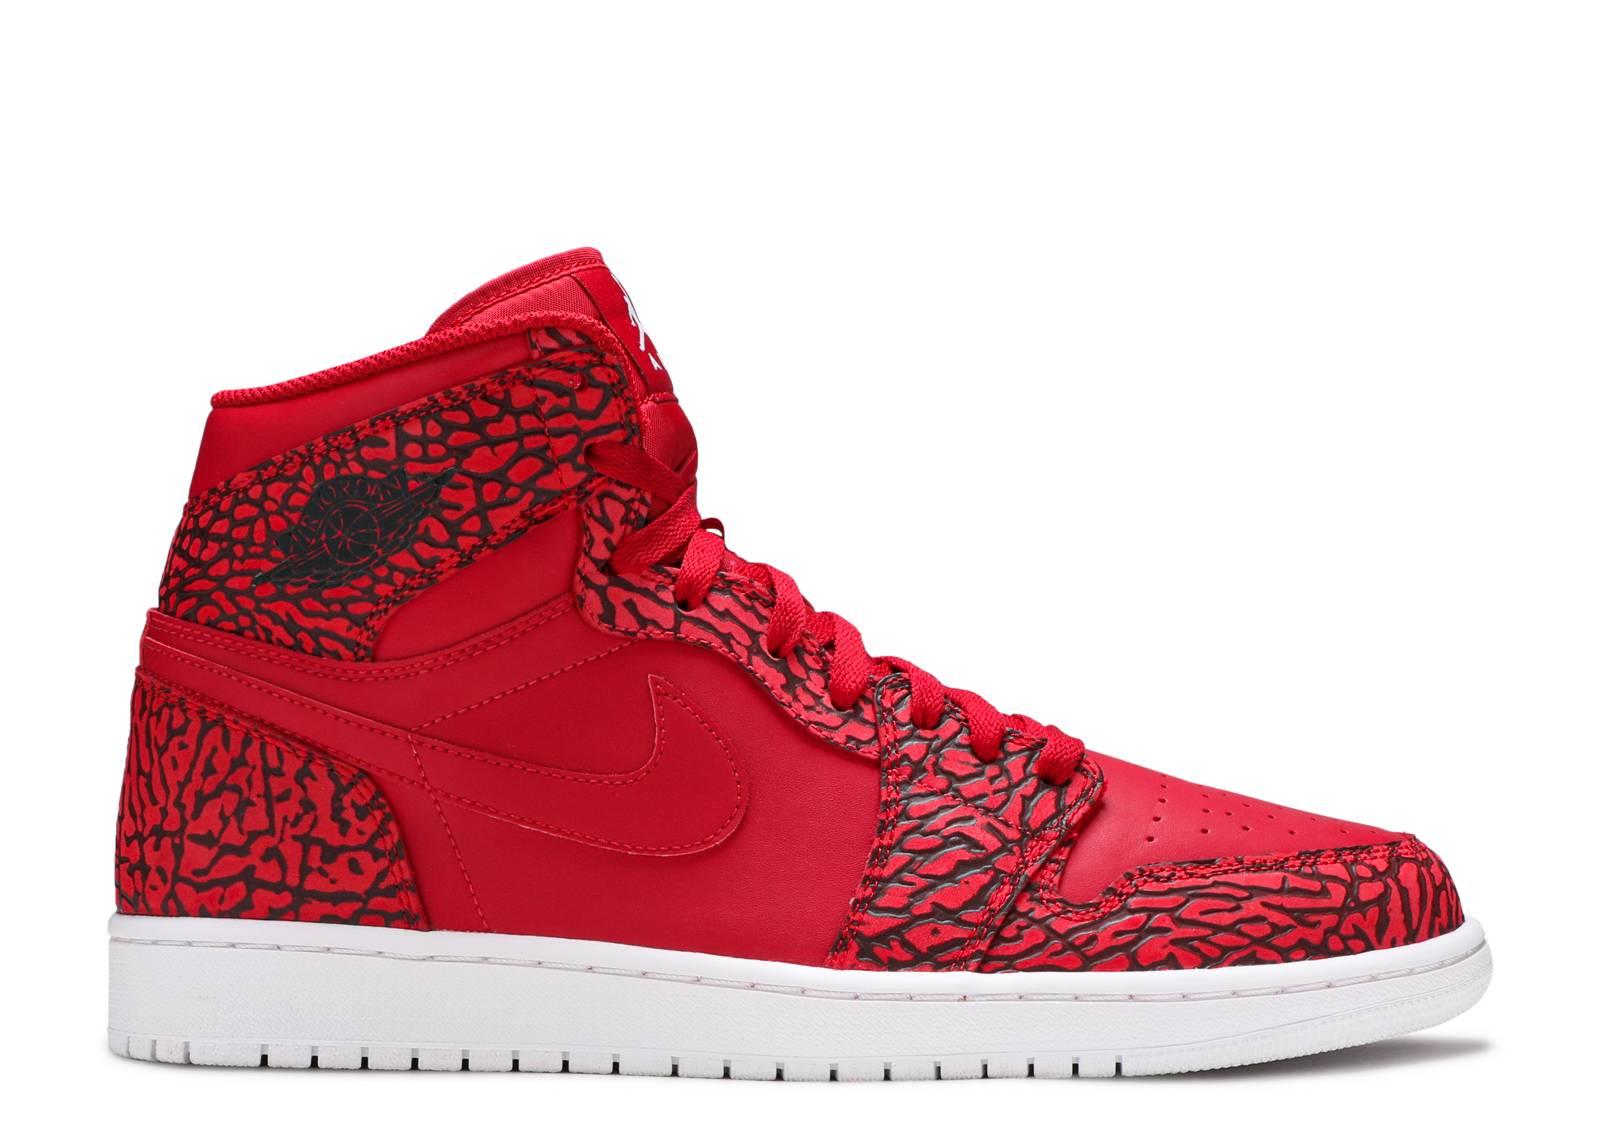 Air Jordan XXX ID Shoes White/Red